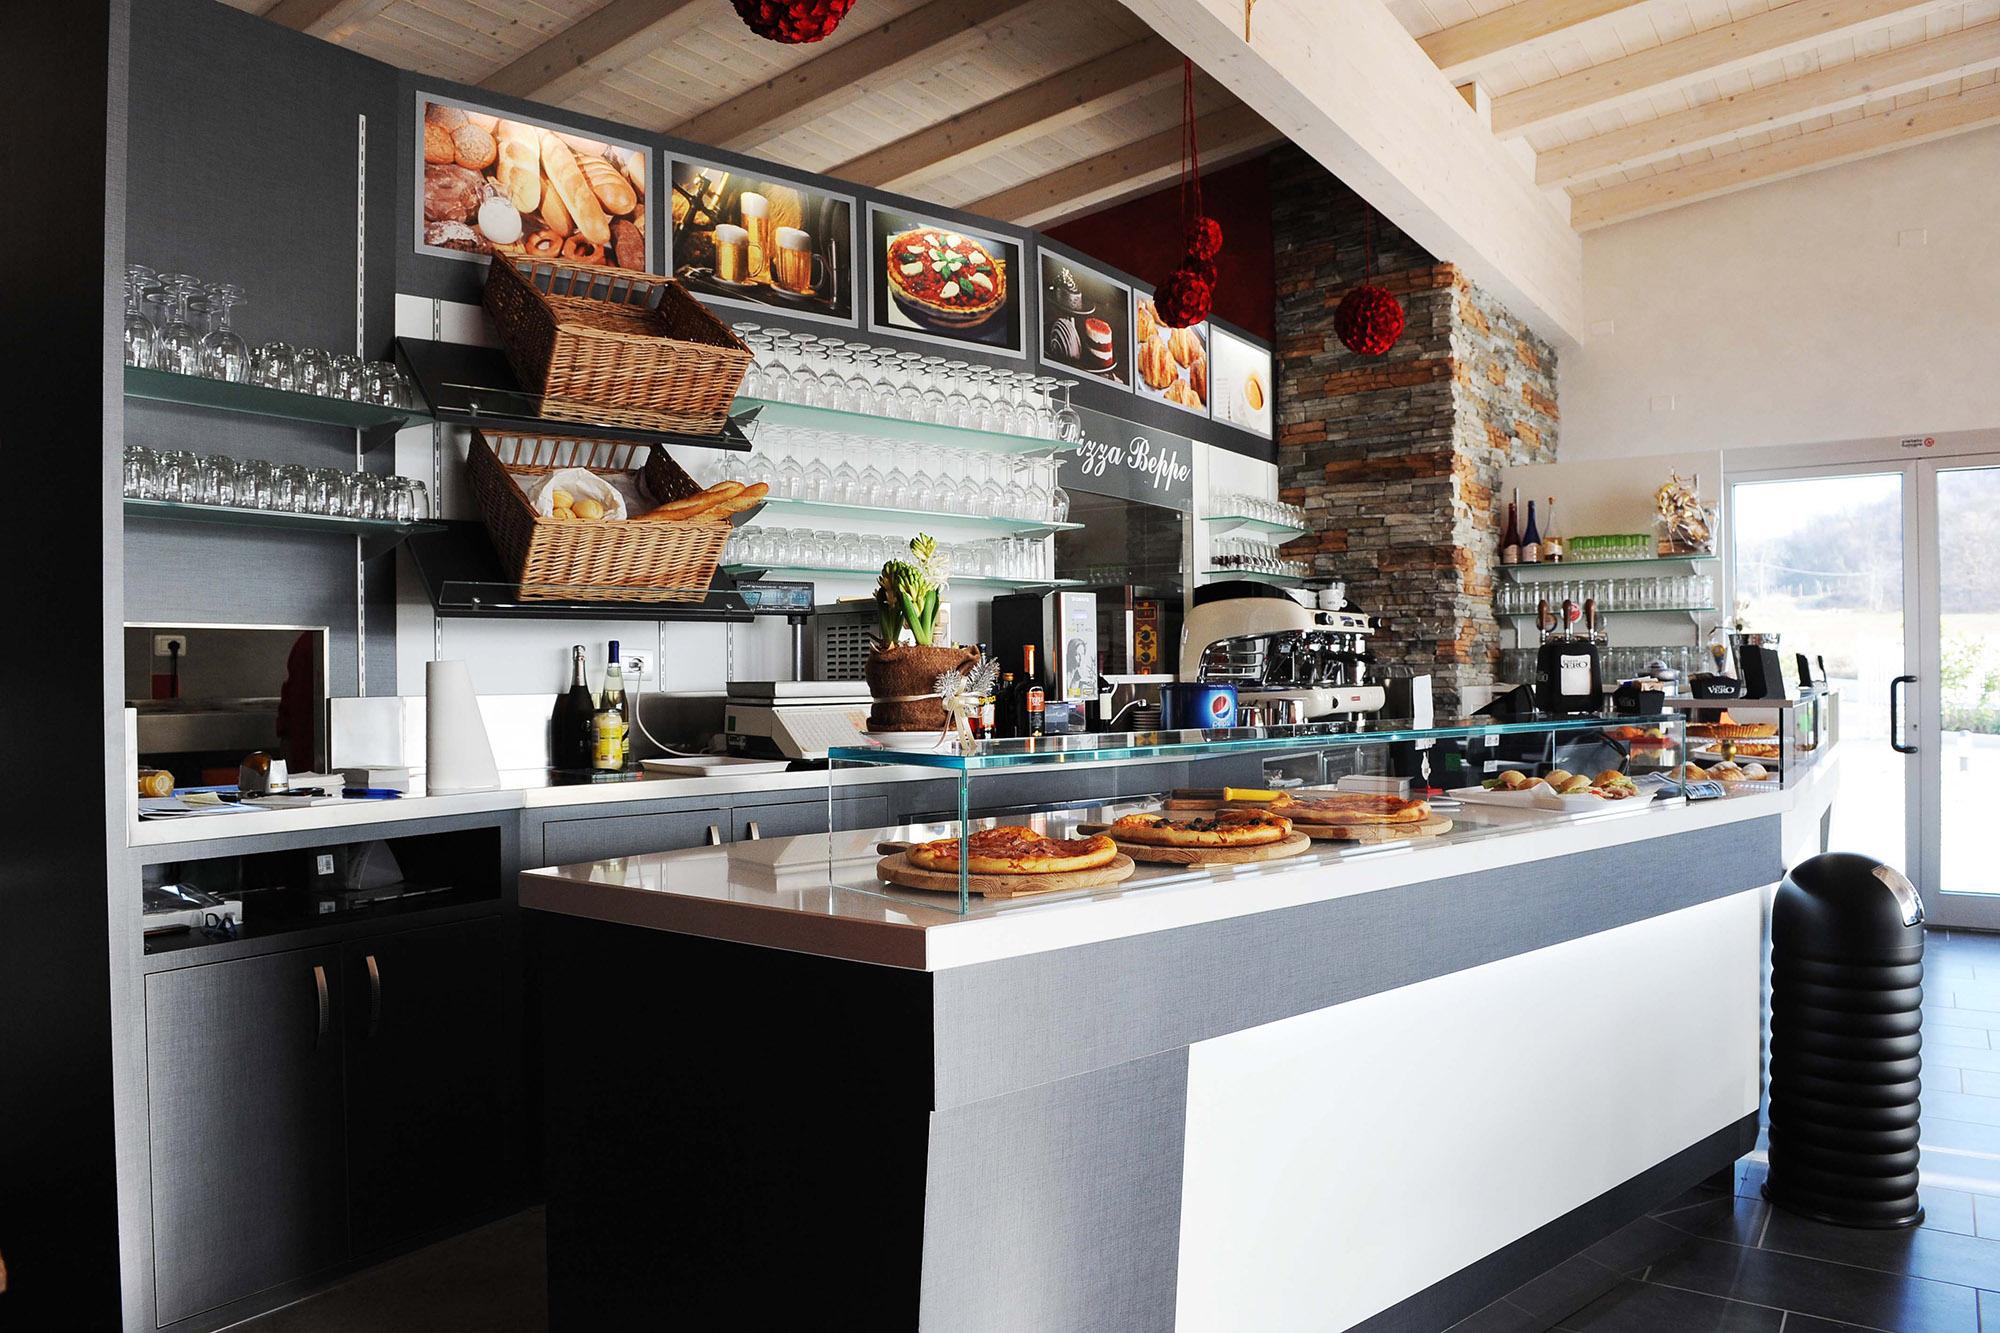 Arredamento contract ristorante pizzeria a verona gm for Pizzeria arredamento